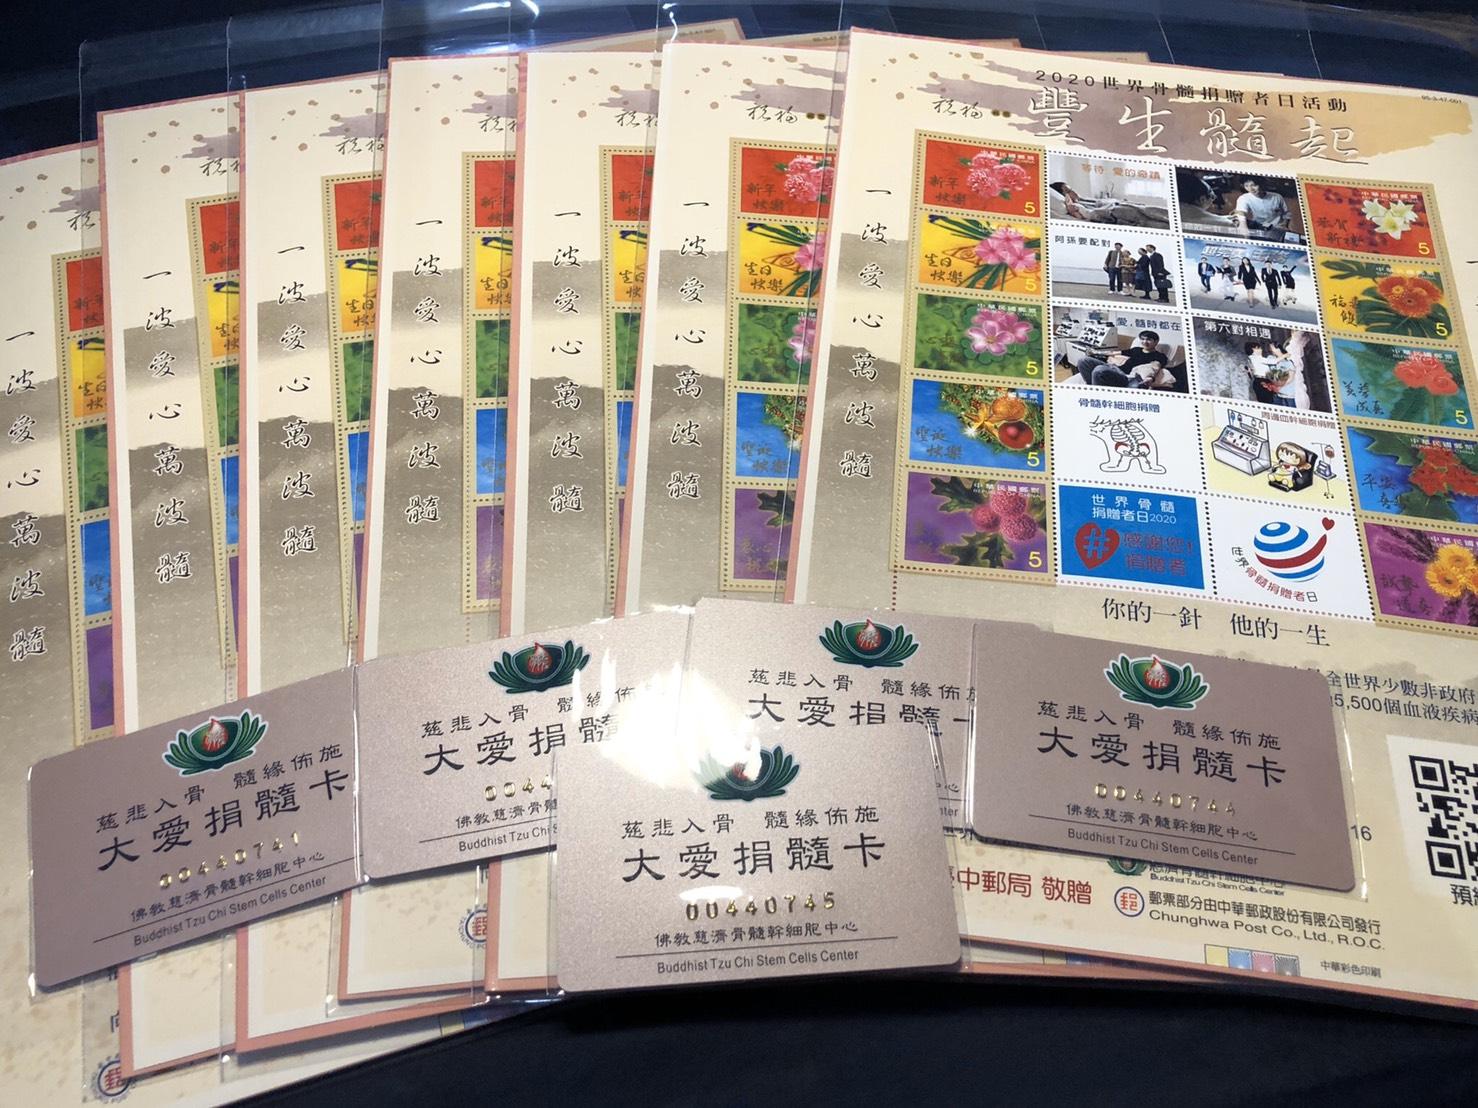 350份「豐生髓起」客製化紀念郵票祝福禮,背後有著「髓緣有愛」的動人故事!